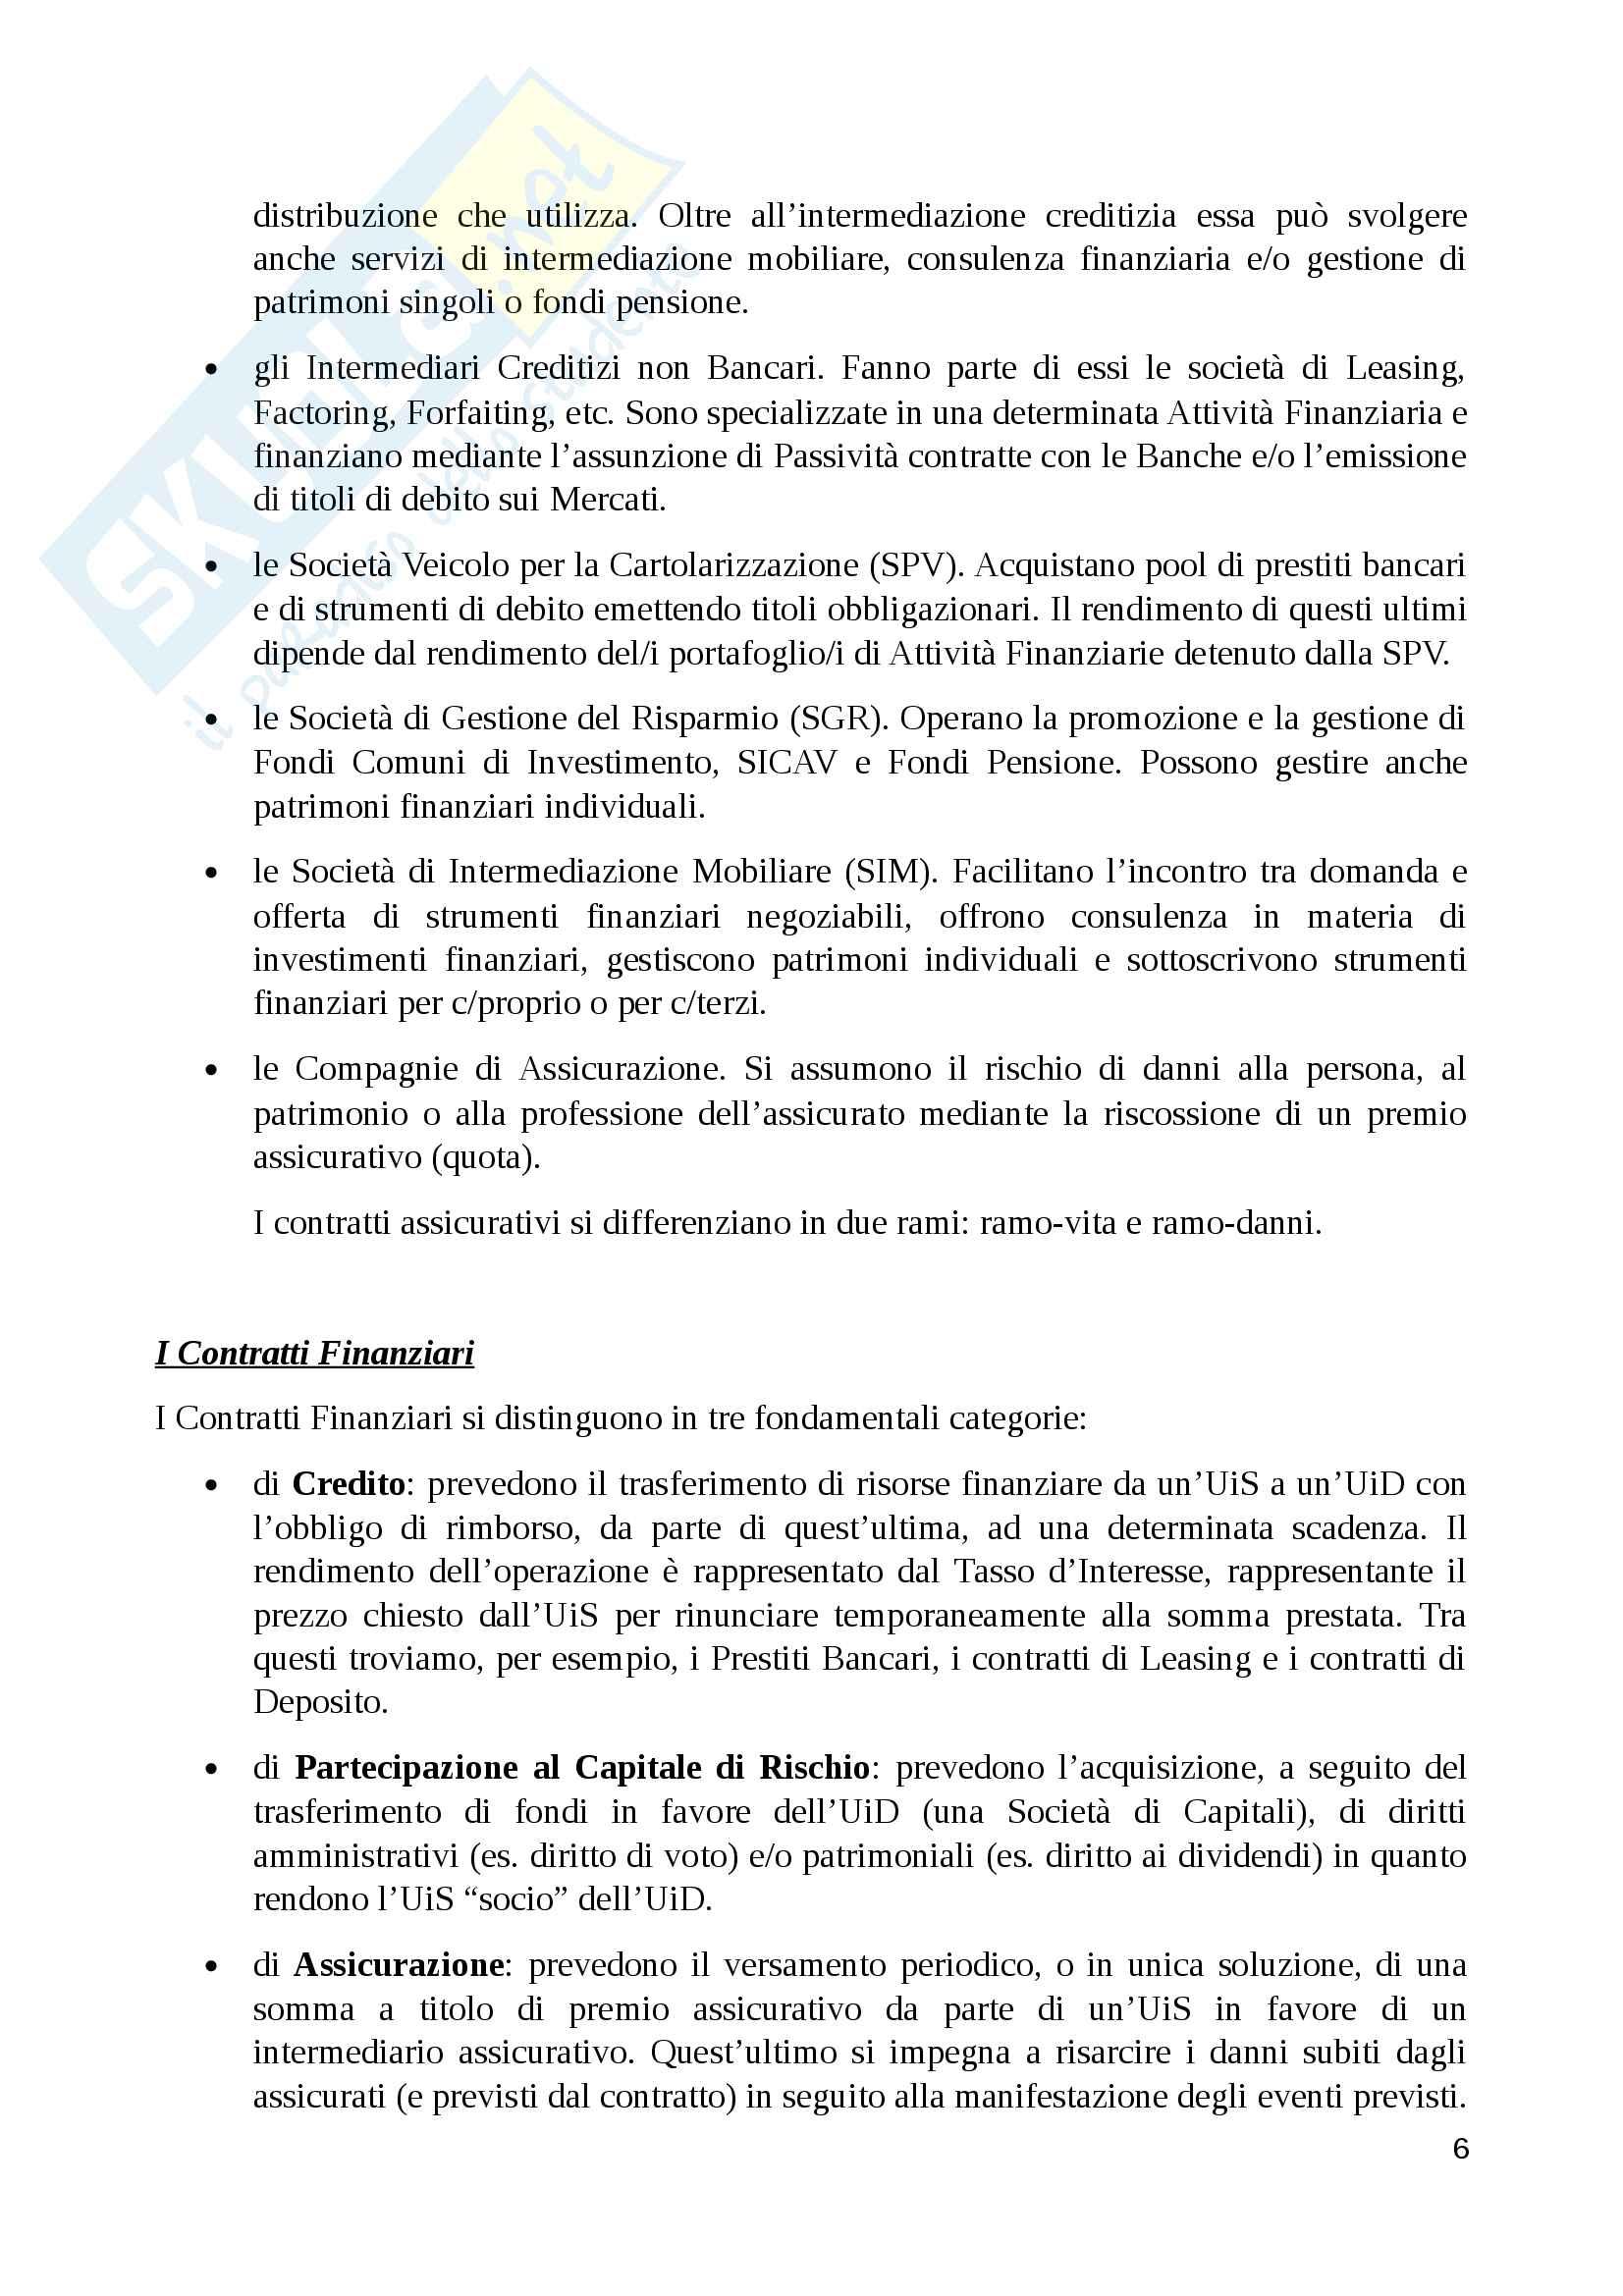 Riassunto economia degli intermediari finanziari, prof. Murè/La Torre Pag. 6